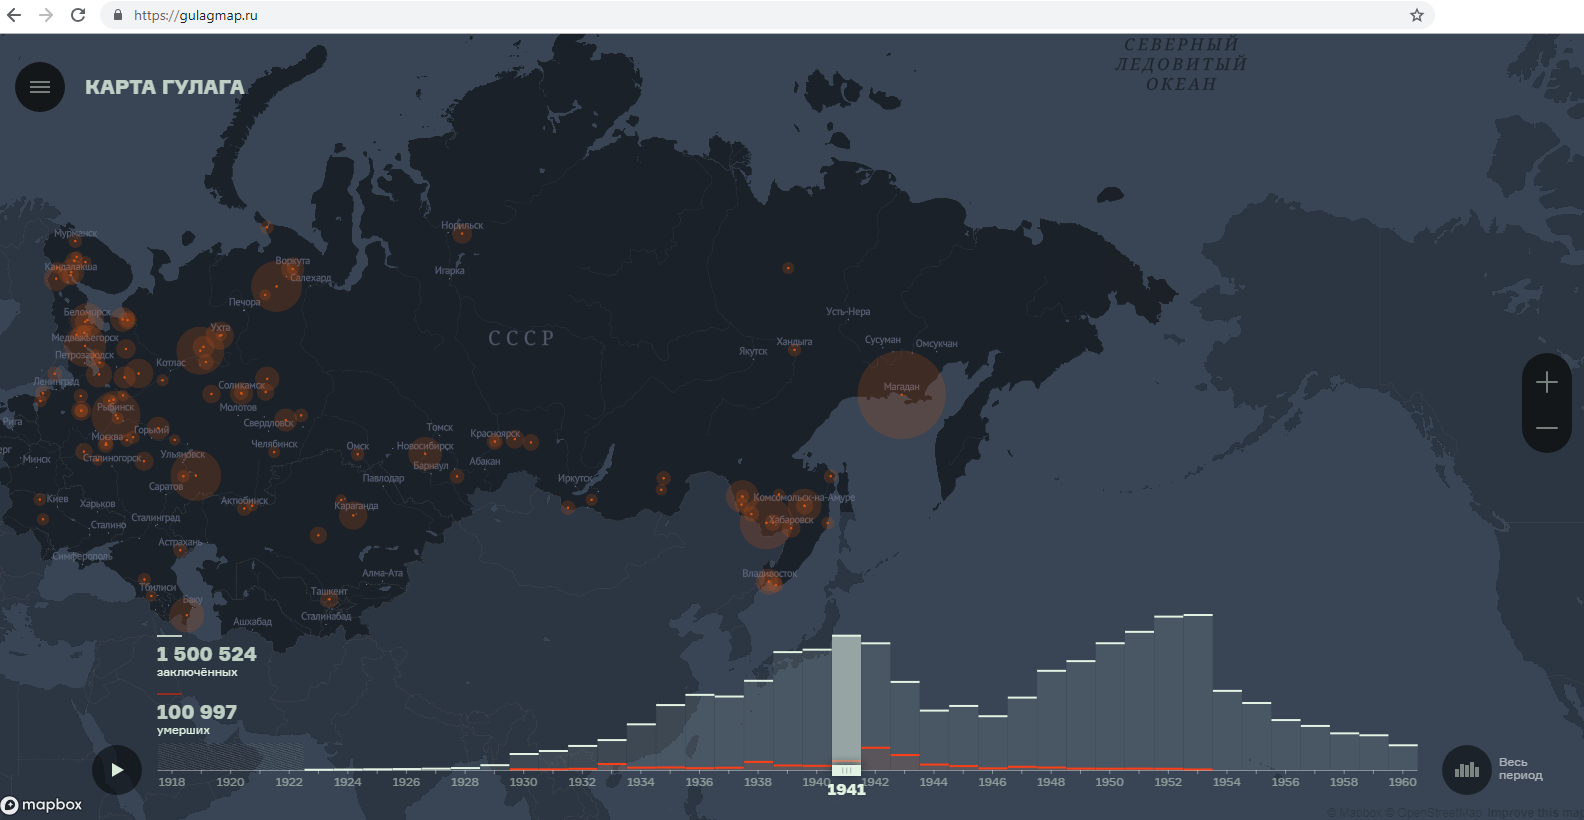 конференция InTheCity, родные города, газпром нефть, ГУЛАГ, карта Гулага